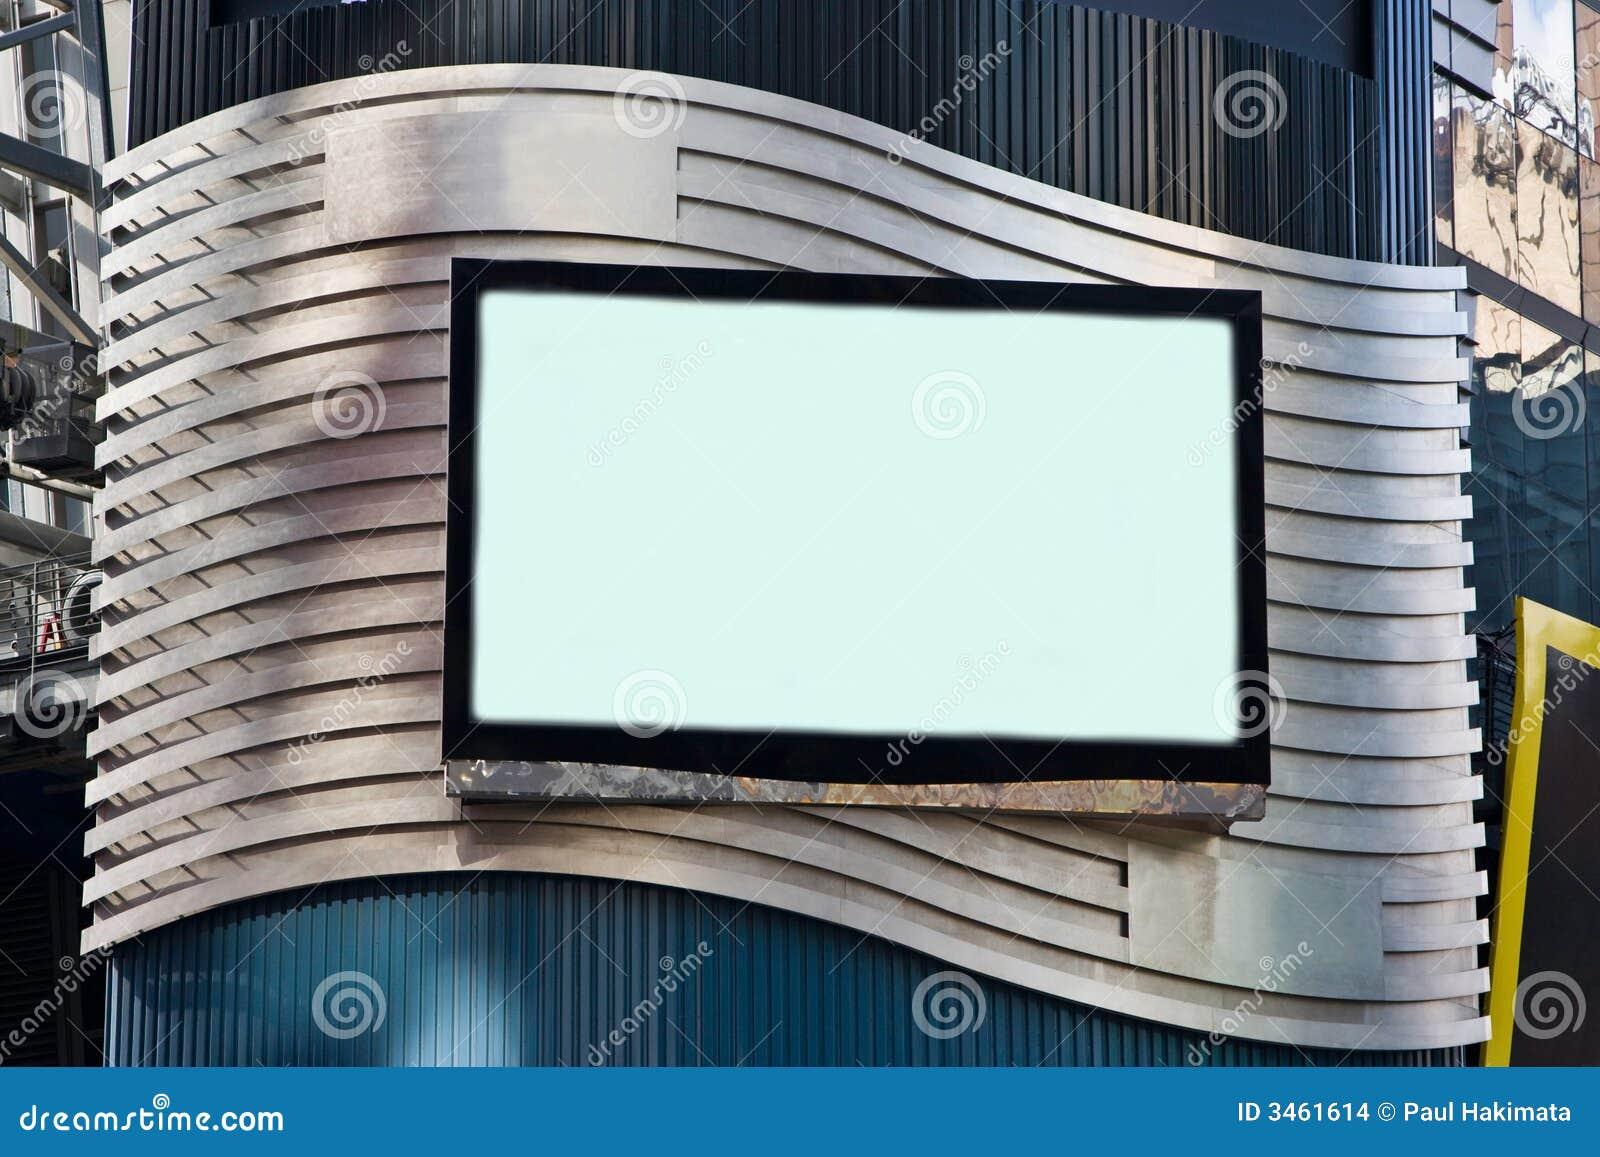 Reklameanzeige LCD-Fernsehanschlagtafel